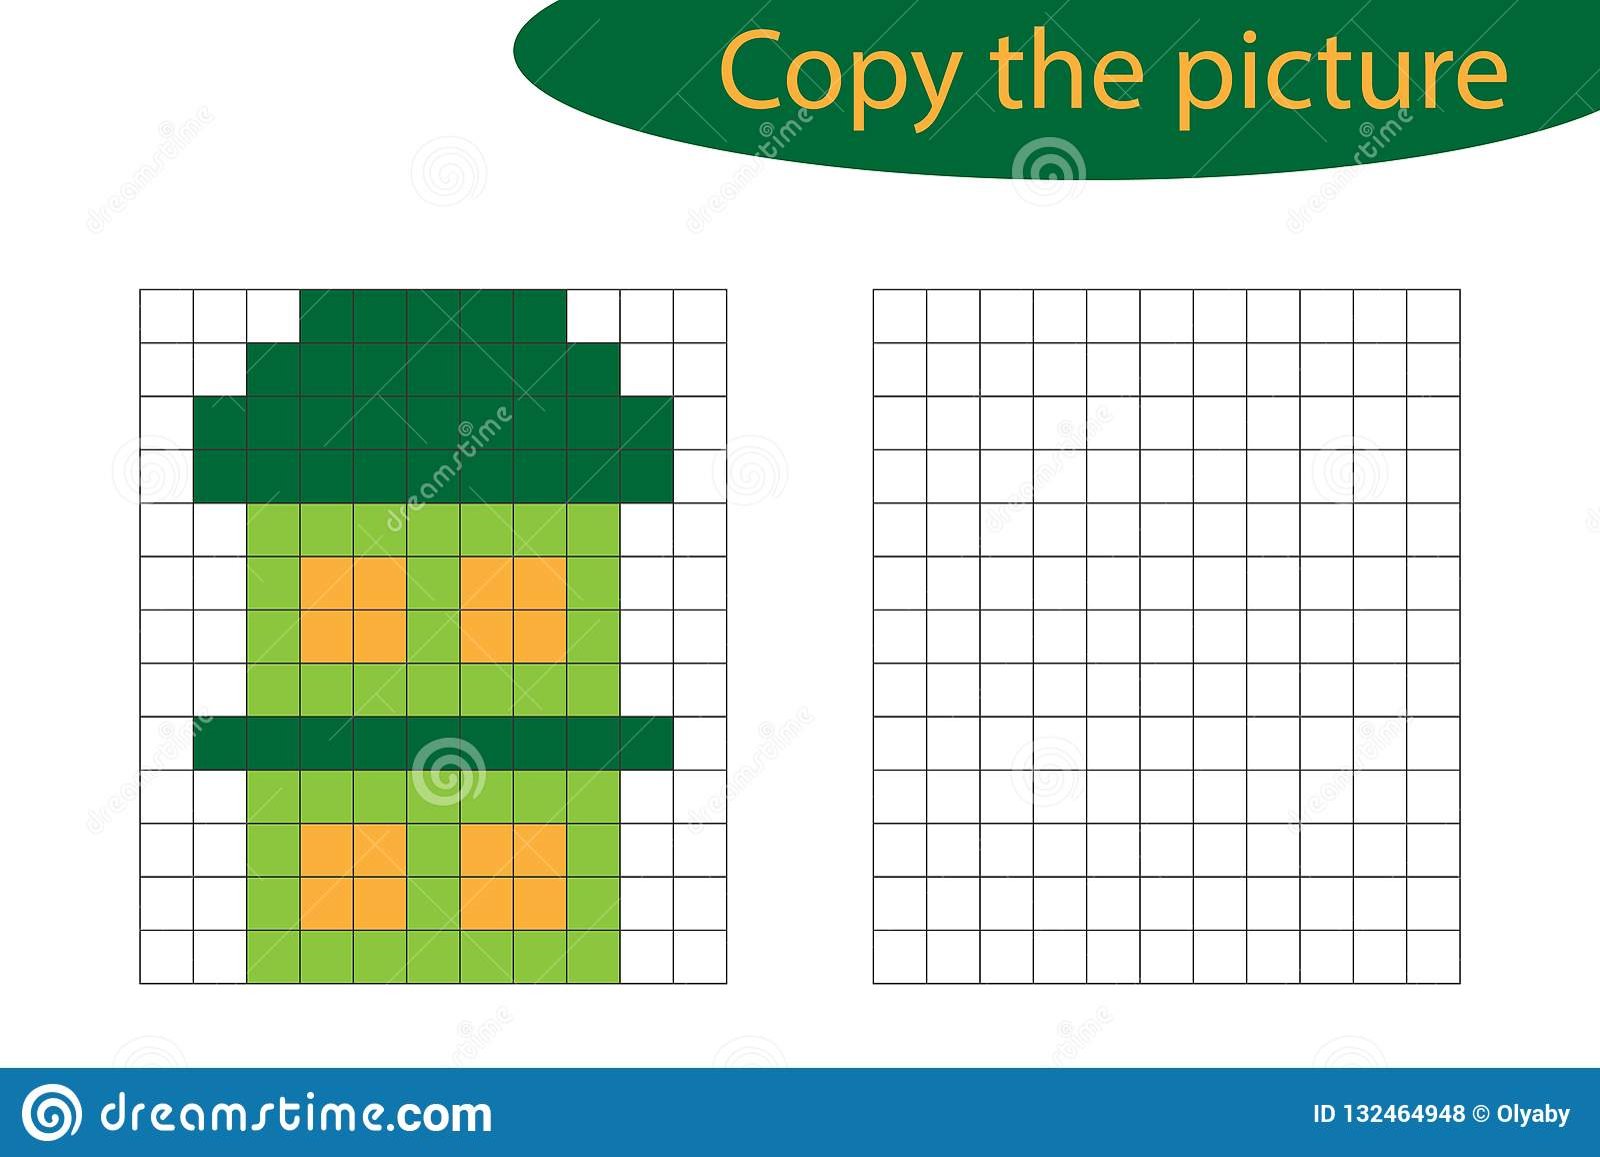 Copiez Limage Art De Pixel Bande Dessinée De Maison La